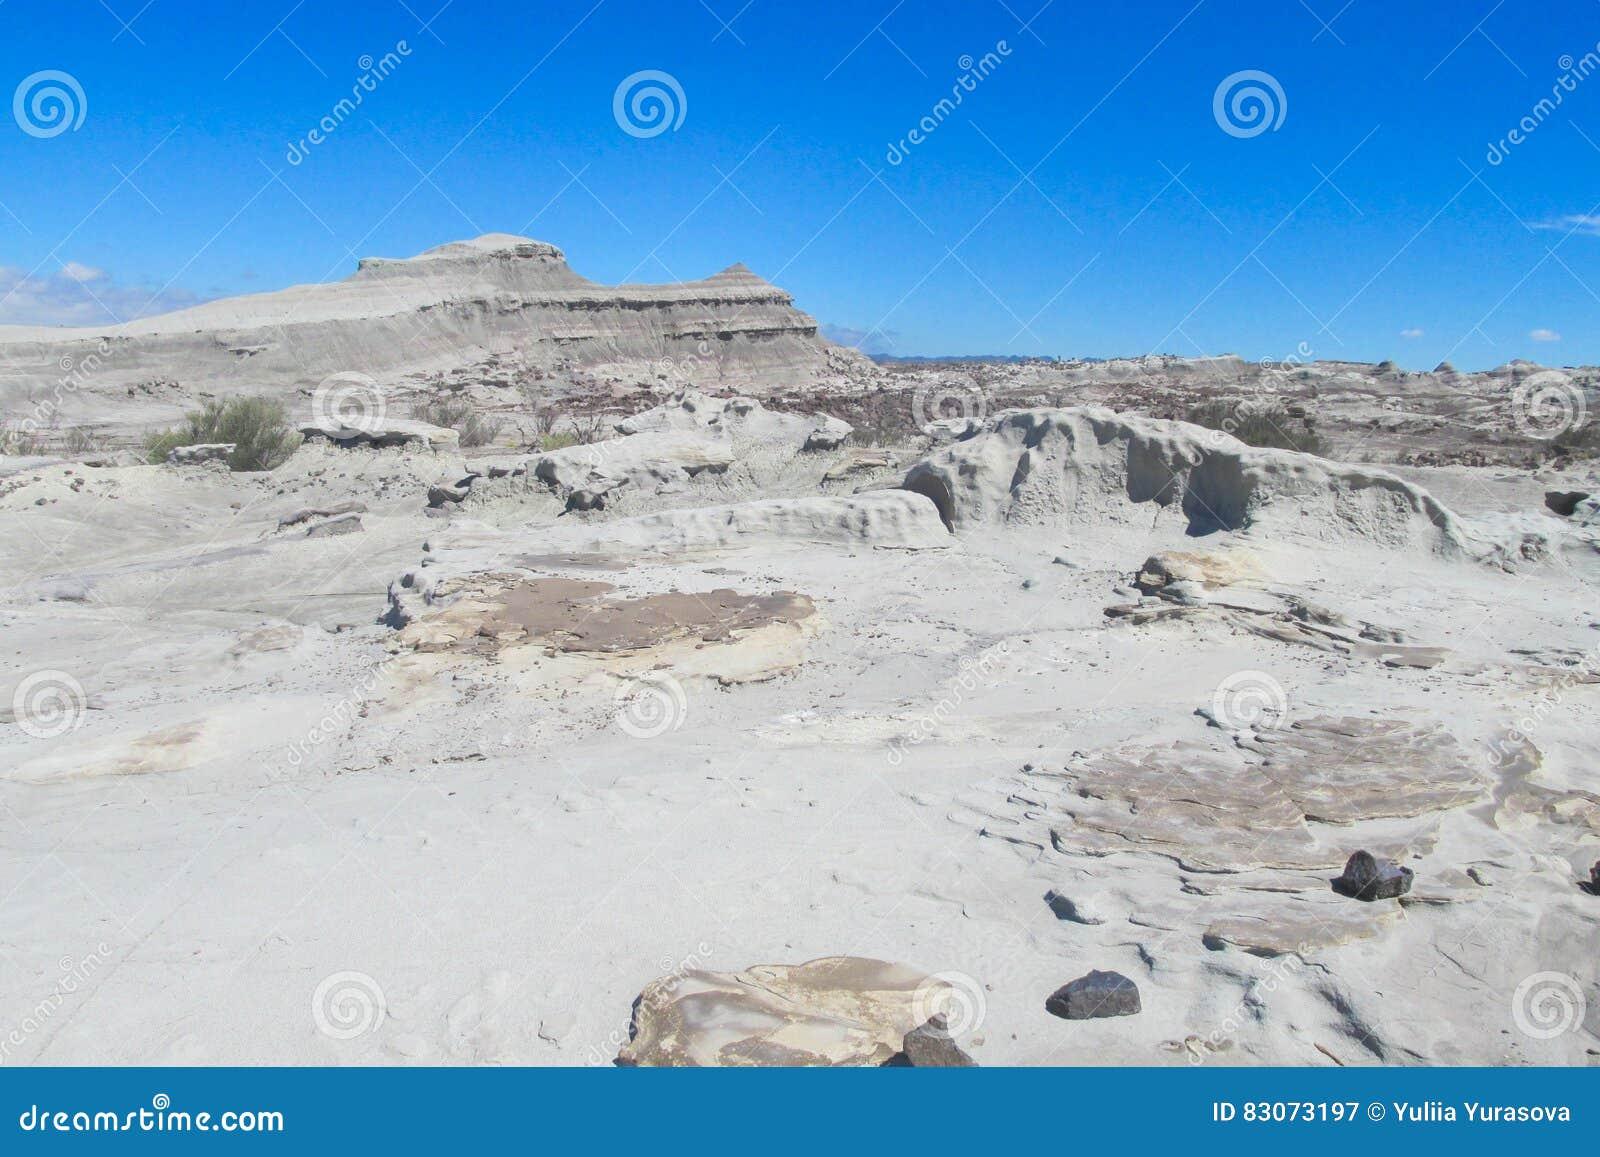 Formations de roche Vent-érodées de pierre grise dans le désert